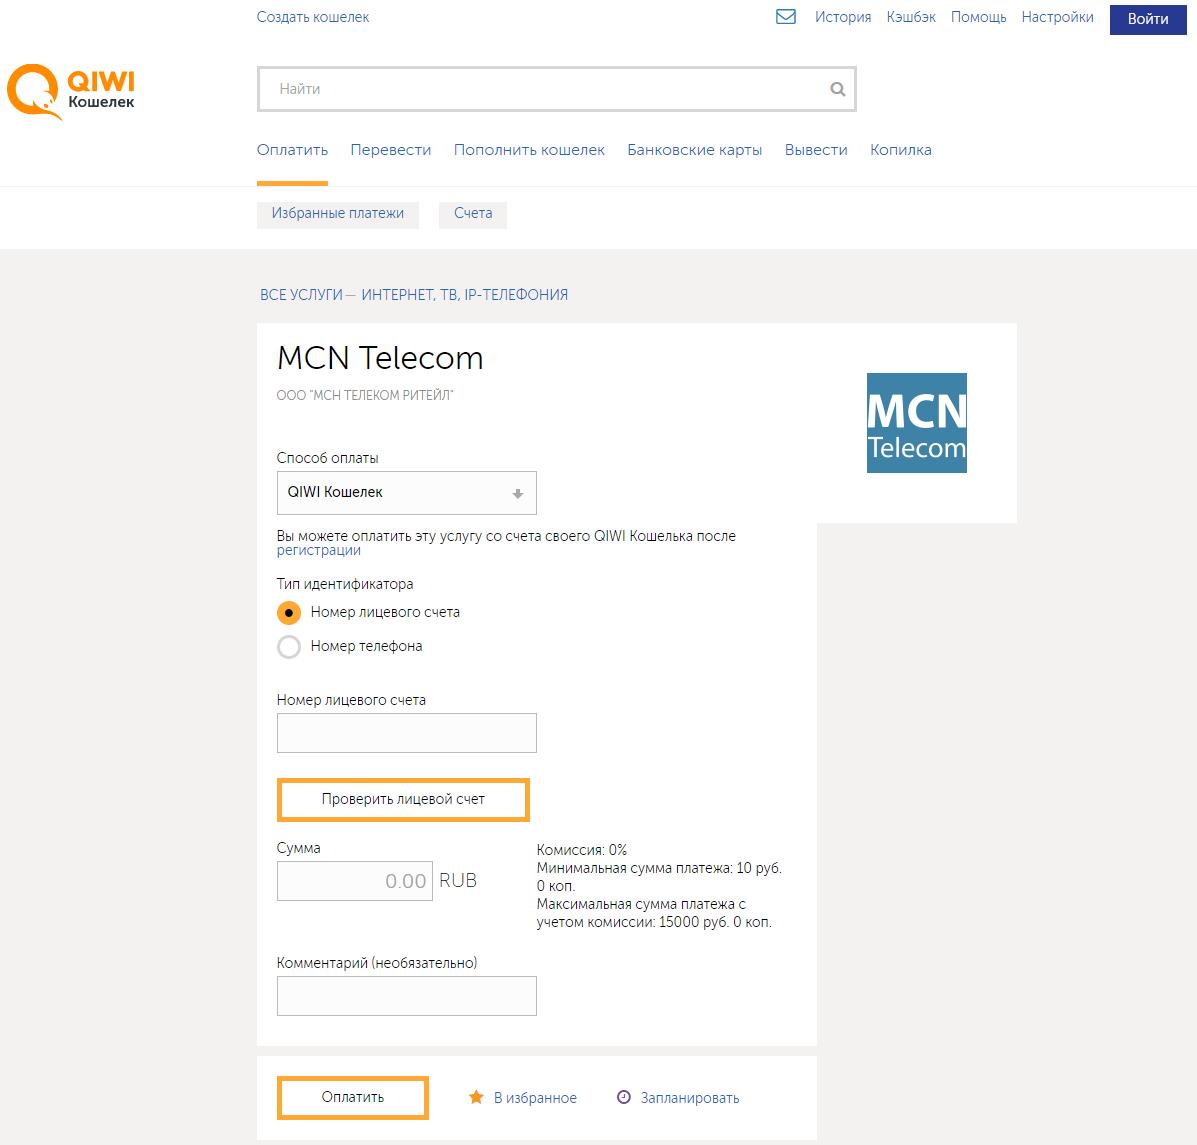 Оплата услуг MCN Telecom через QIWI